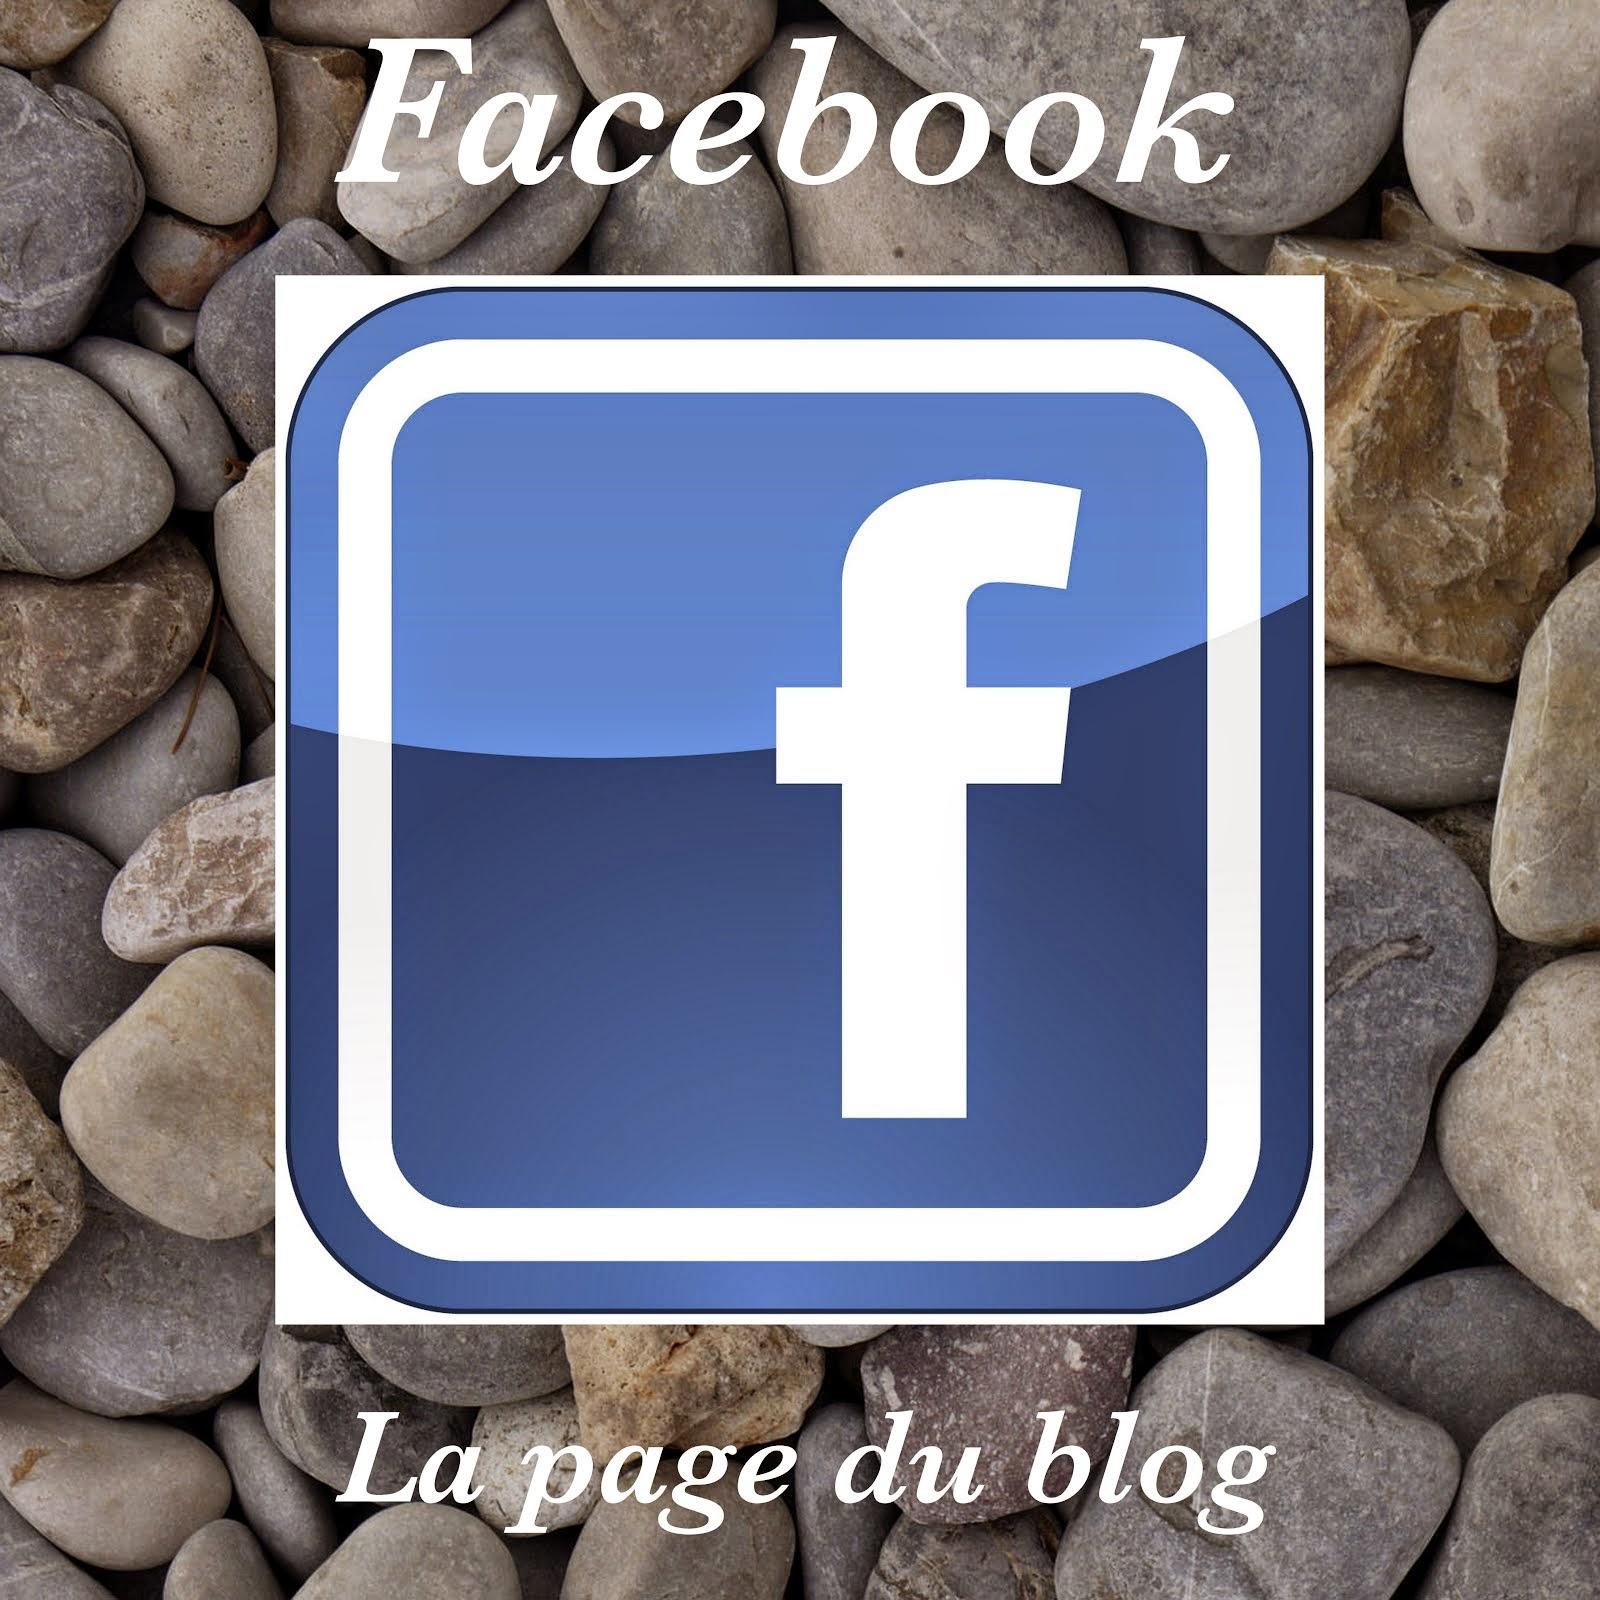 Suivre le blog sur Facebook